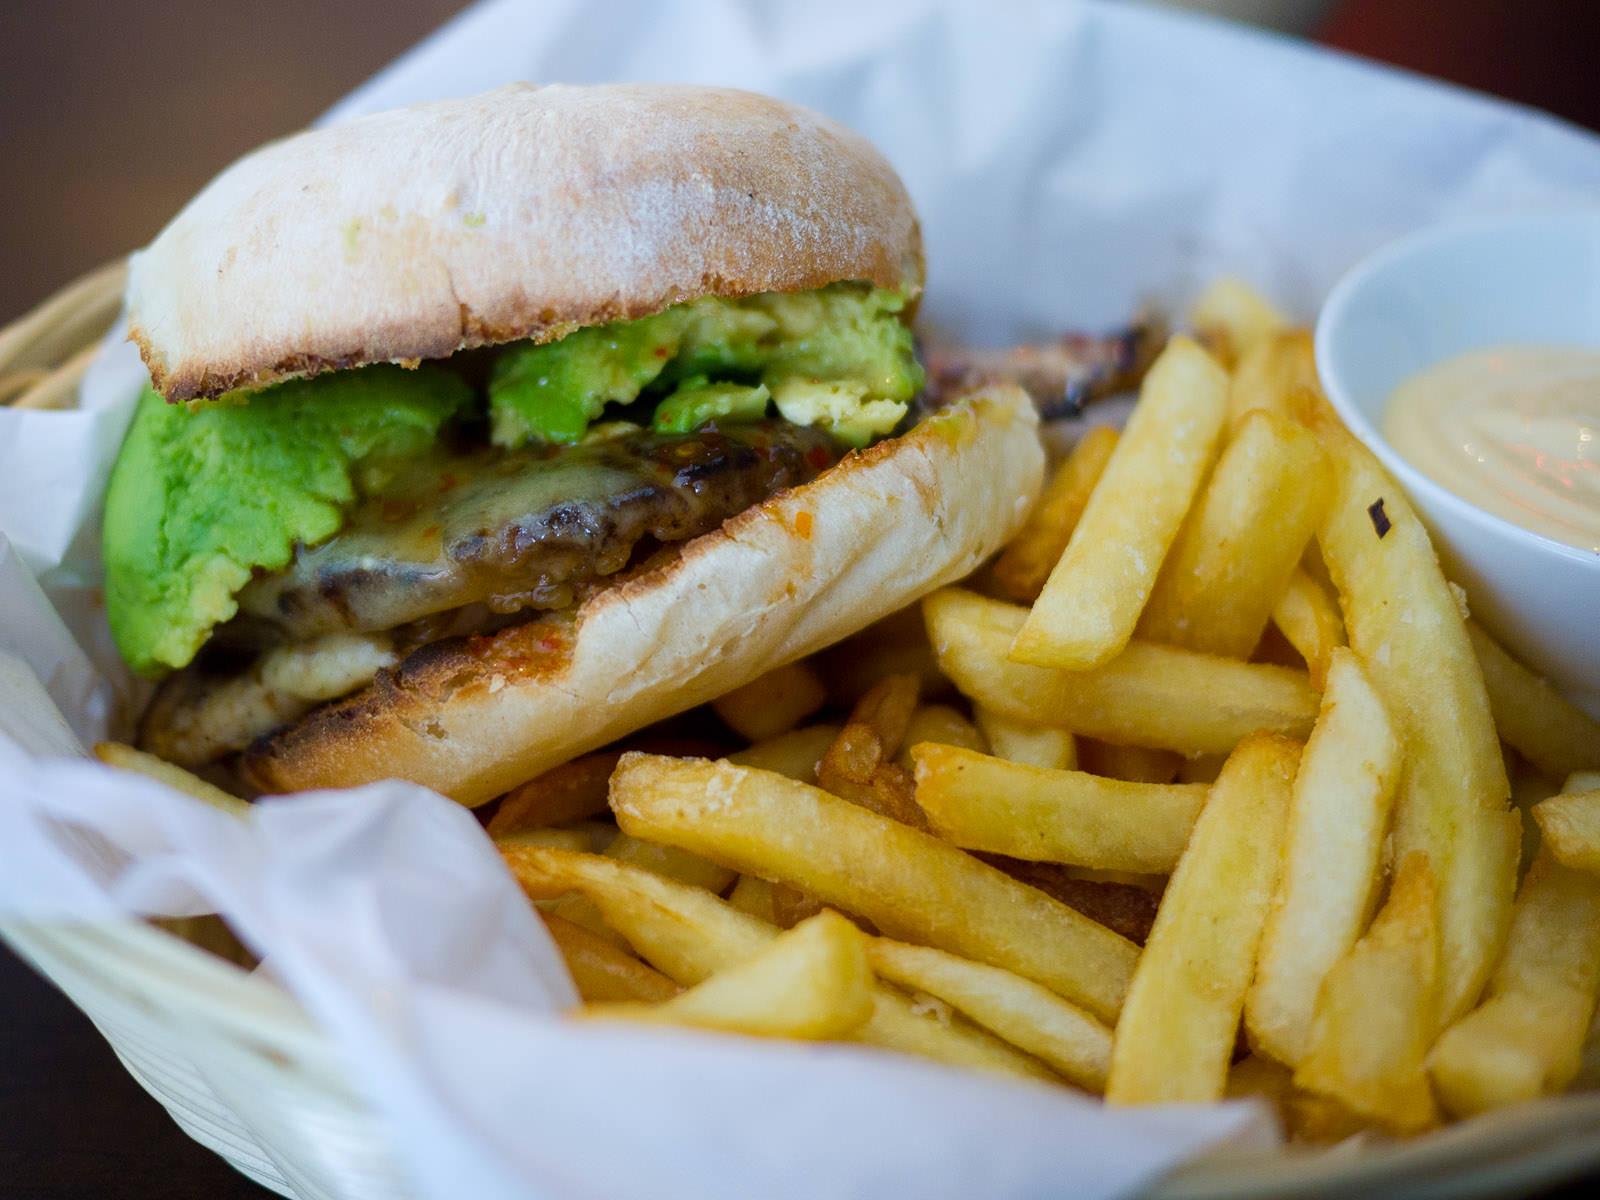 Hawaiian burger with fries